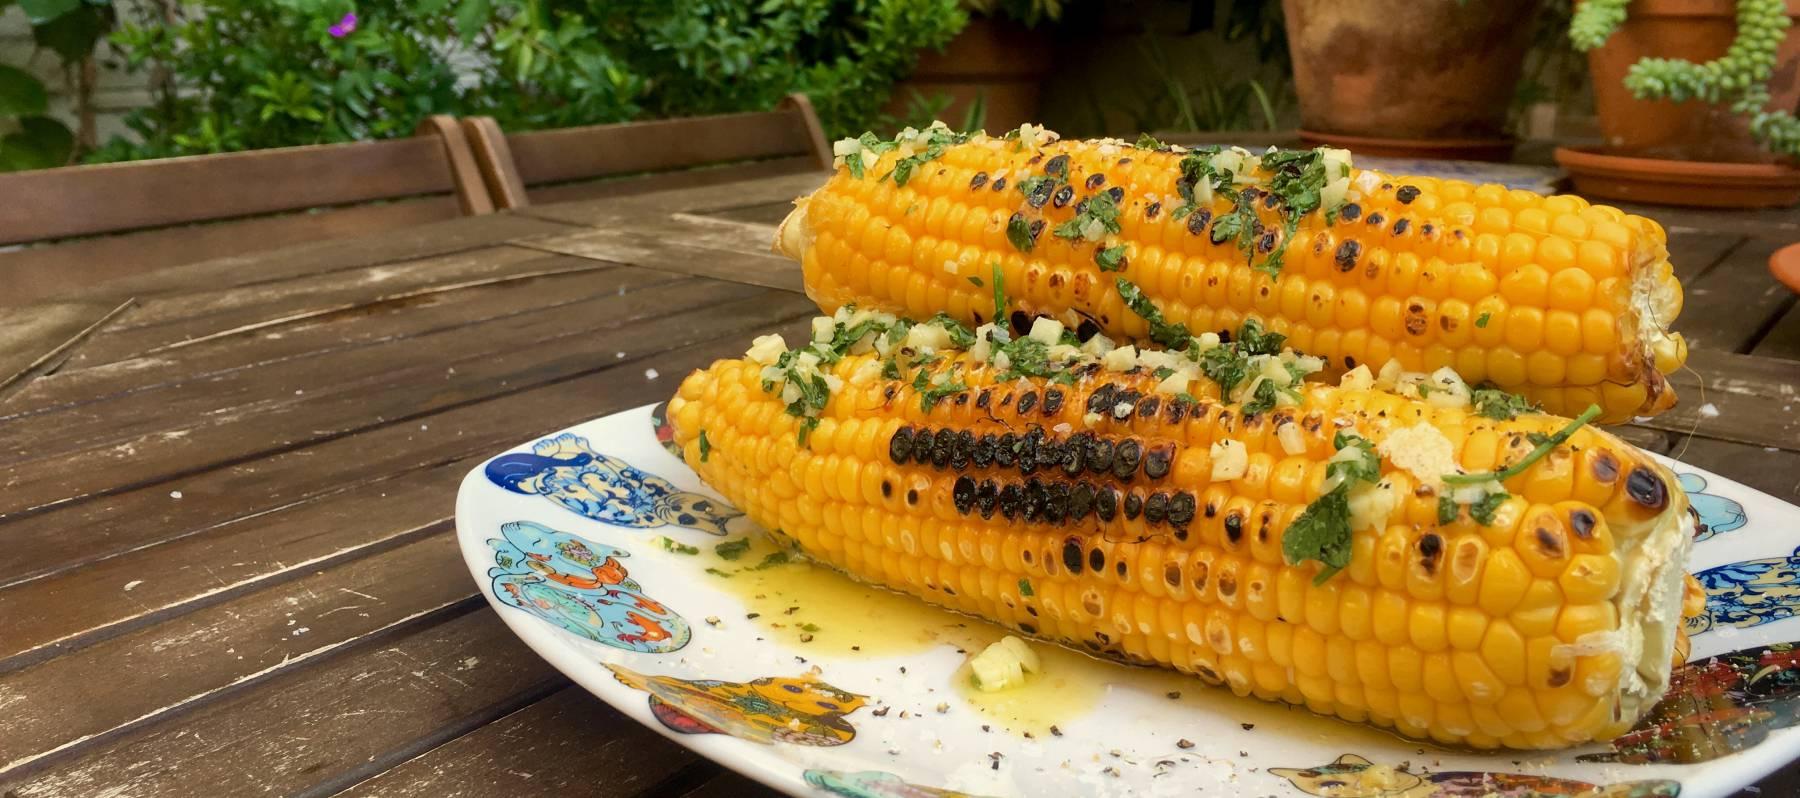 Mazorcas con mantequilla aromatizada